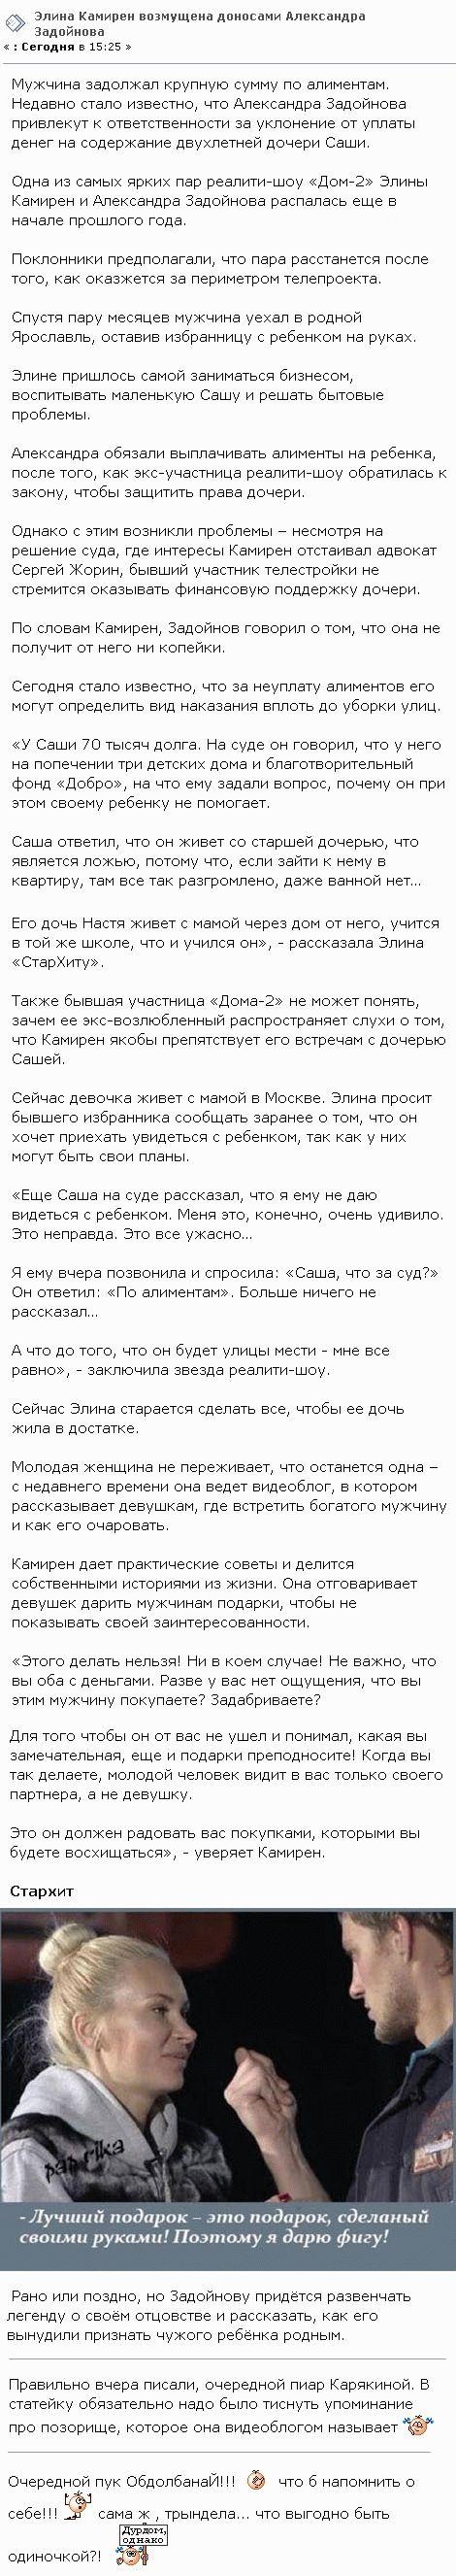 Элина Карякина прокомментировала заявление Александра Задойнова